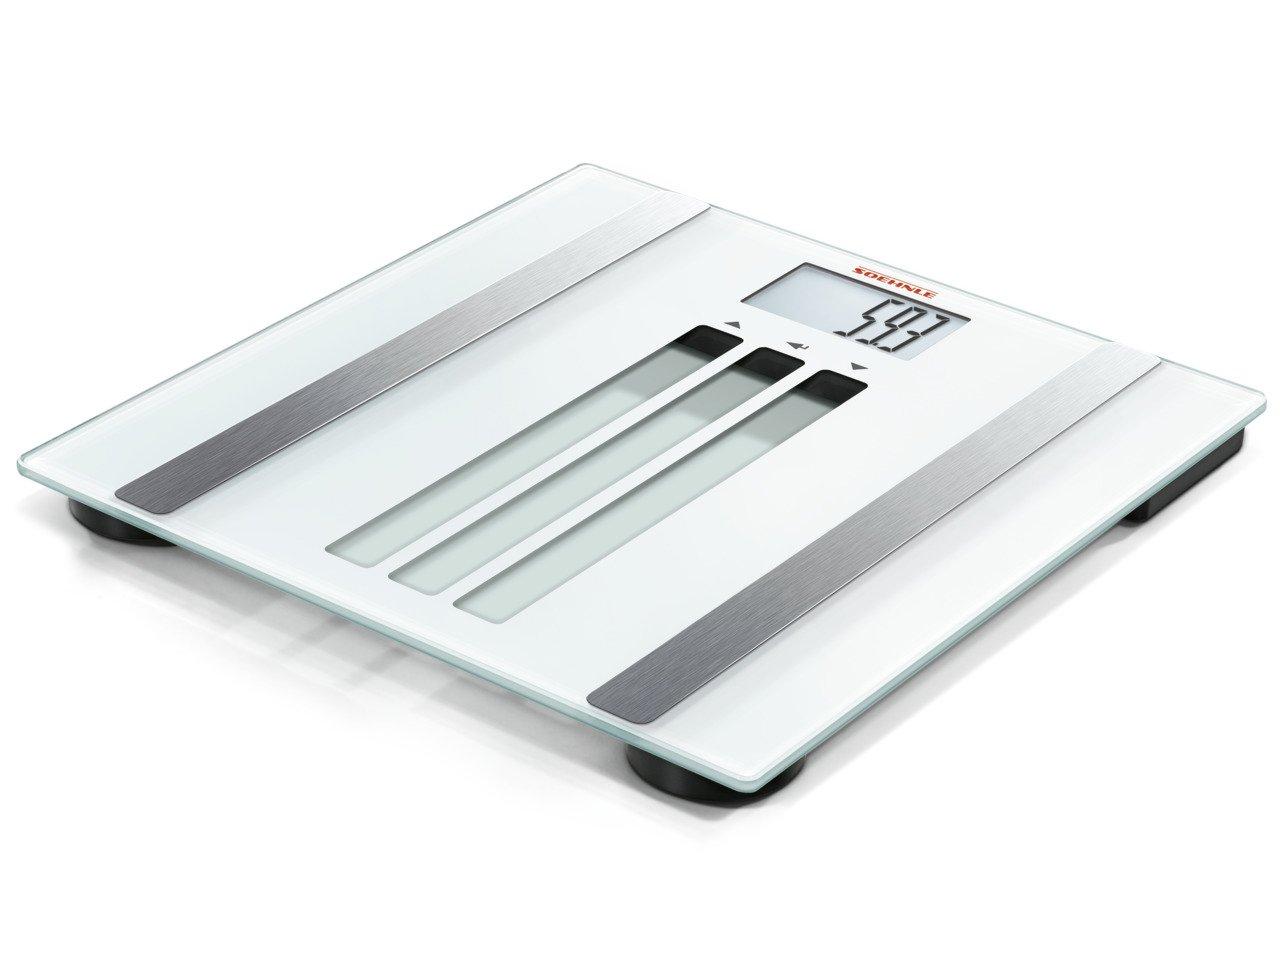 Soehnle 63356 9 63356-Báscula de baño Digital Body Control Easy Fit, Vidrio, De plástico, Negro: Amazon.es: Hogar